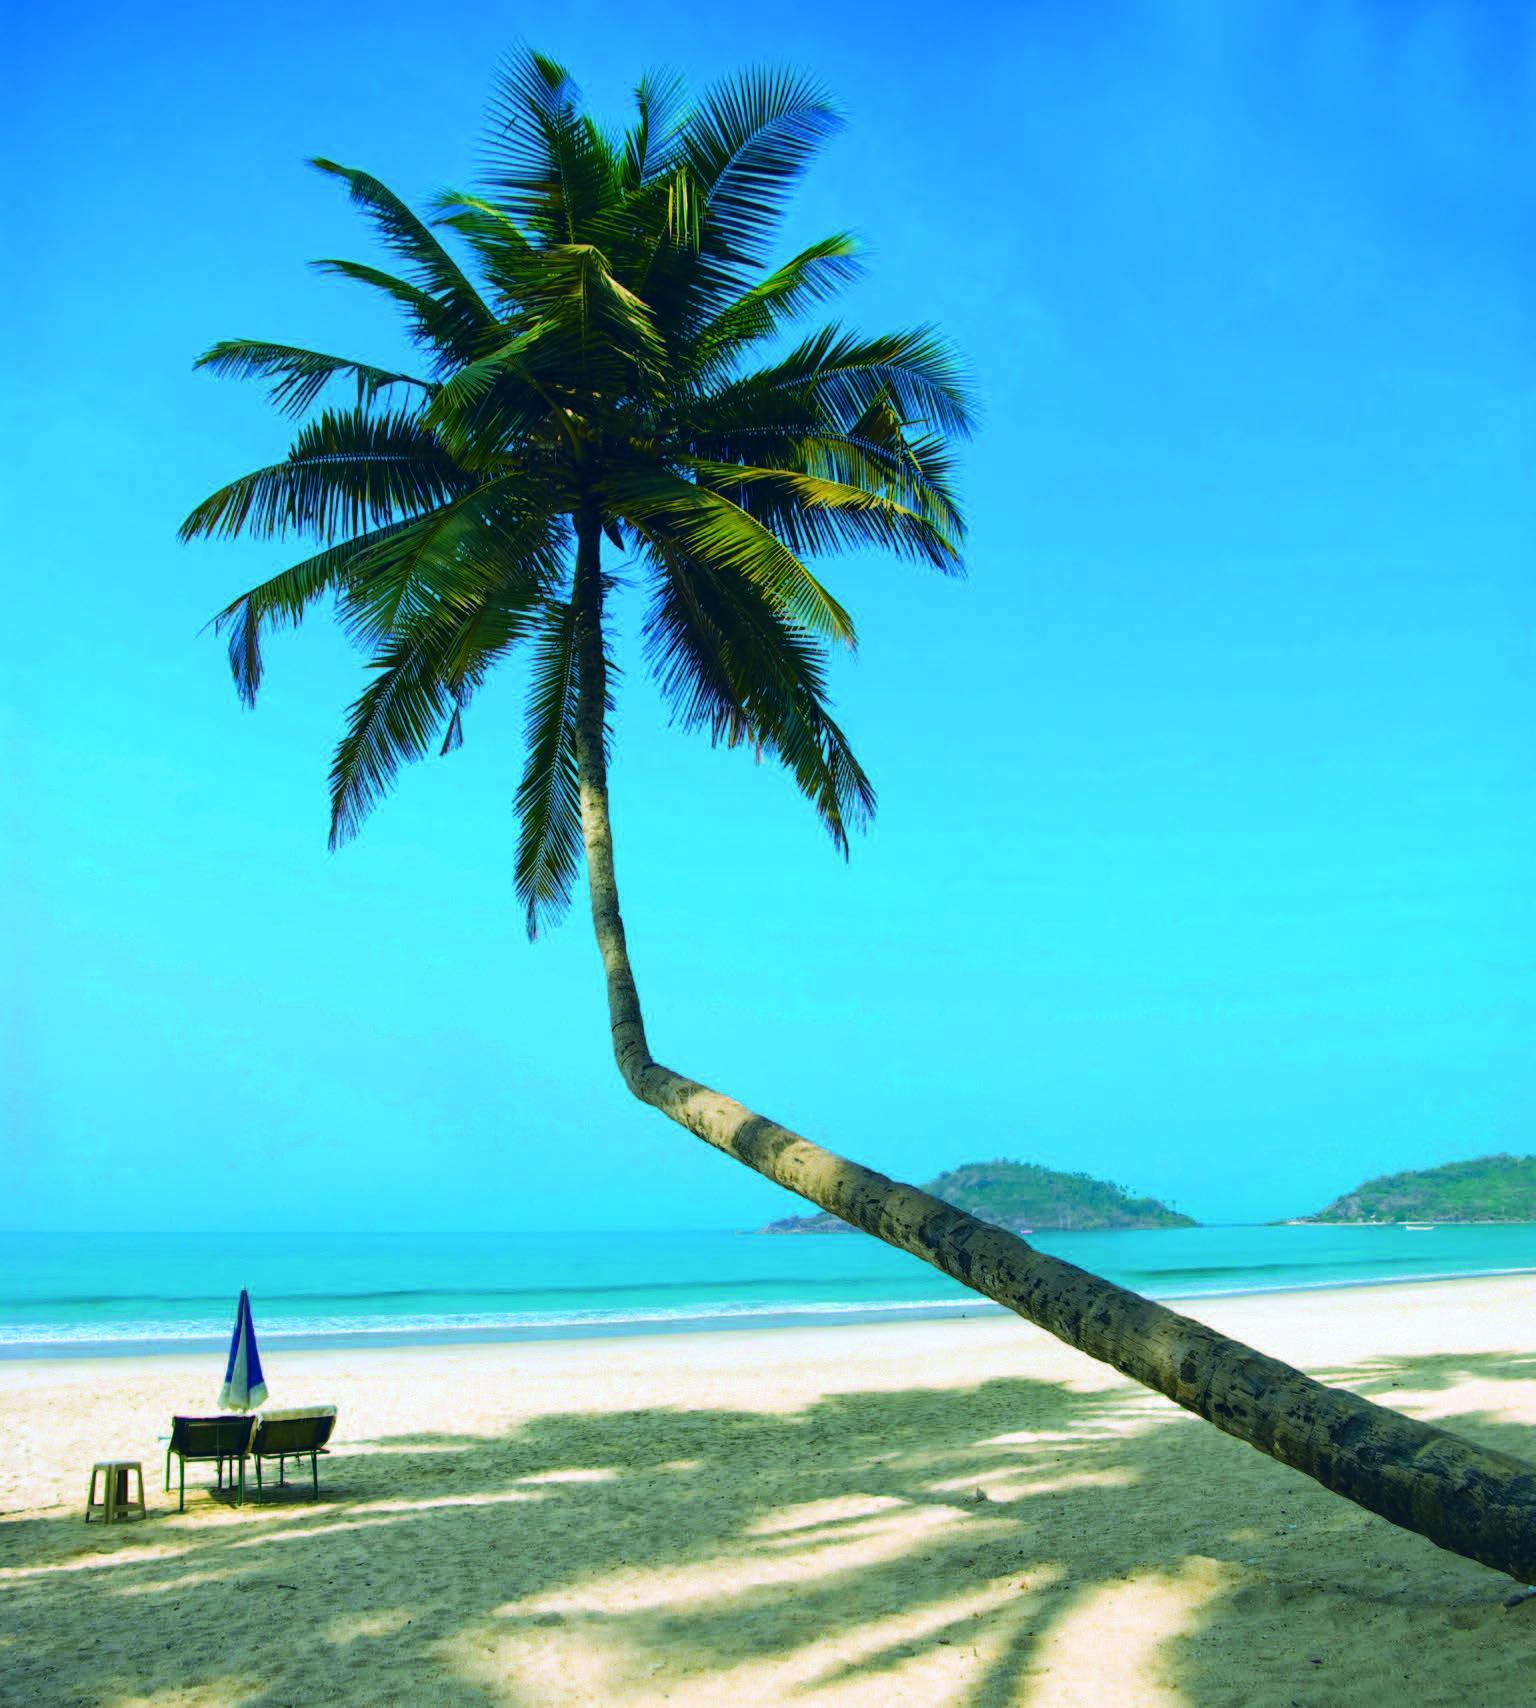 Kelionės po Goa nuo įspūdingų paplūdimių iki gurmaniškos virtuvės 4